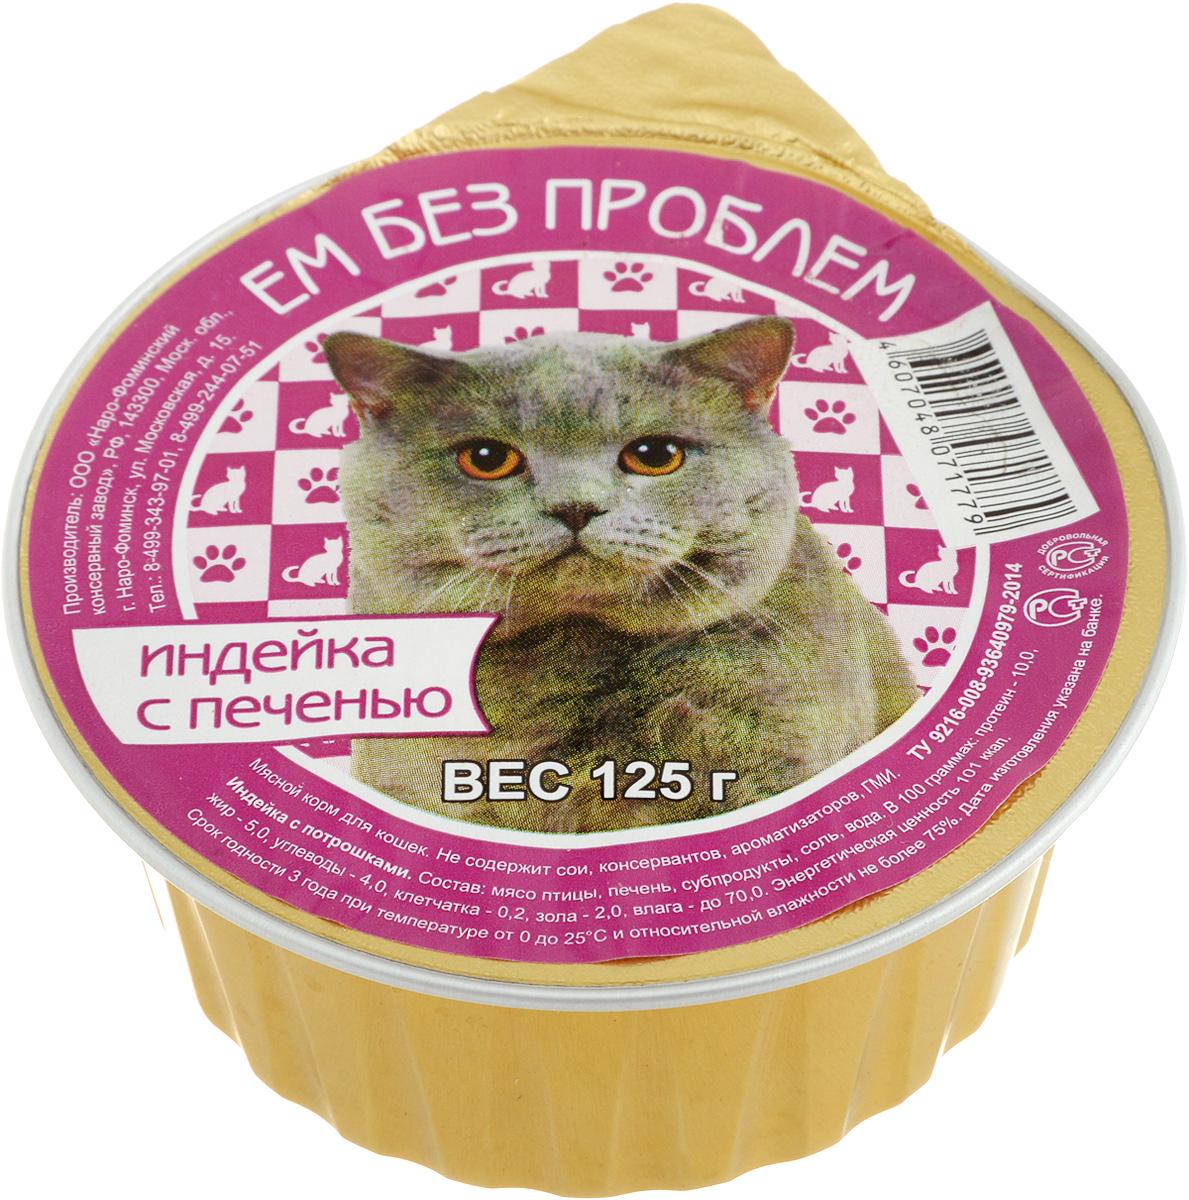 Консервы для кошек Ем без проблем, индейка с печенью, 125 г00-00001464Консервы Ем без проблем - это высококачественный корм, изготовленный специально для кошек. В своем составе он содержит 60-75% мясных продуктов от общего объема. Лакомство сочетает в себе минералы и питательные вещества, полезные для здоровья питомца, а также витамины, которые помогают в правильном развитии органов и мышечной массы кошек. Консервы подходят для всех пород кошек и имеют мягкую консистенцию паштета. В состав корма не входят консерванты, соя, ГМО и ароматизаторы. Вашей кошке обязательно понравится нежный вкус индейки с печенью. Состав: мясо птицы, печень, субпродукты, соль, вода. Пищевая ценность: протеин 10%, жир 5%, углеводы 4%, клетчатка 0,2%, зола 2%, влага до 70%. Вес: 125 г. Товар сертифицирован.